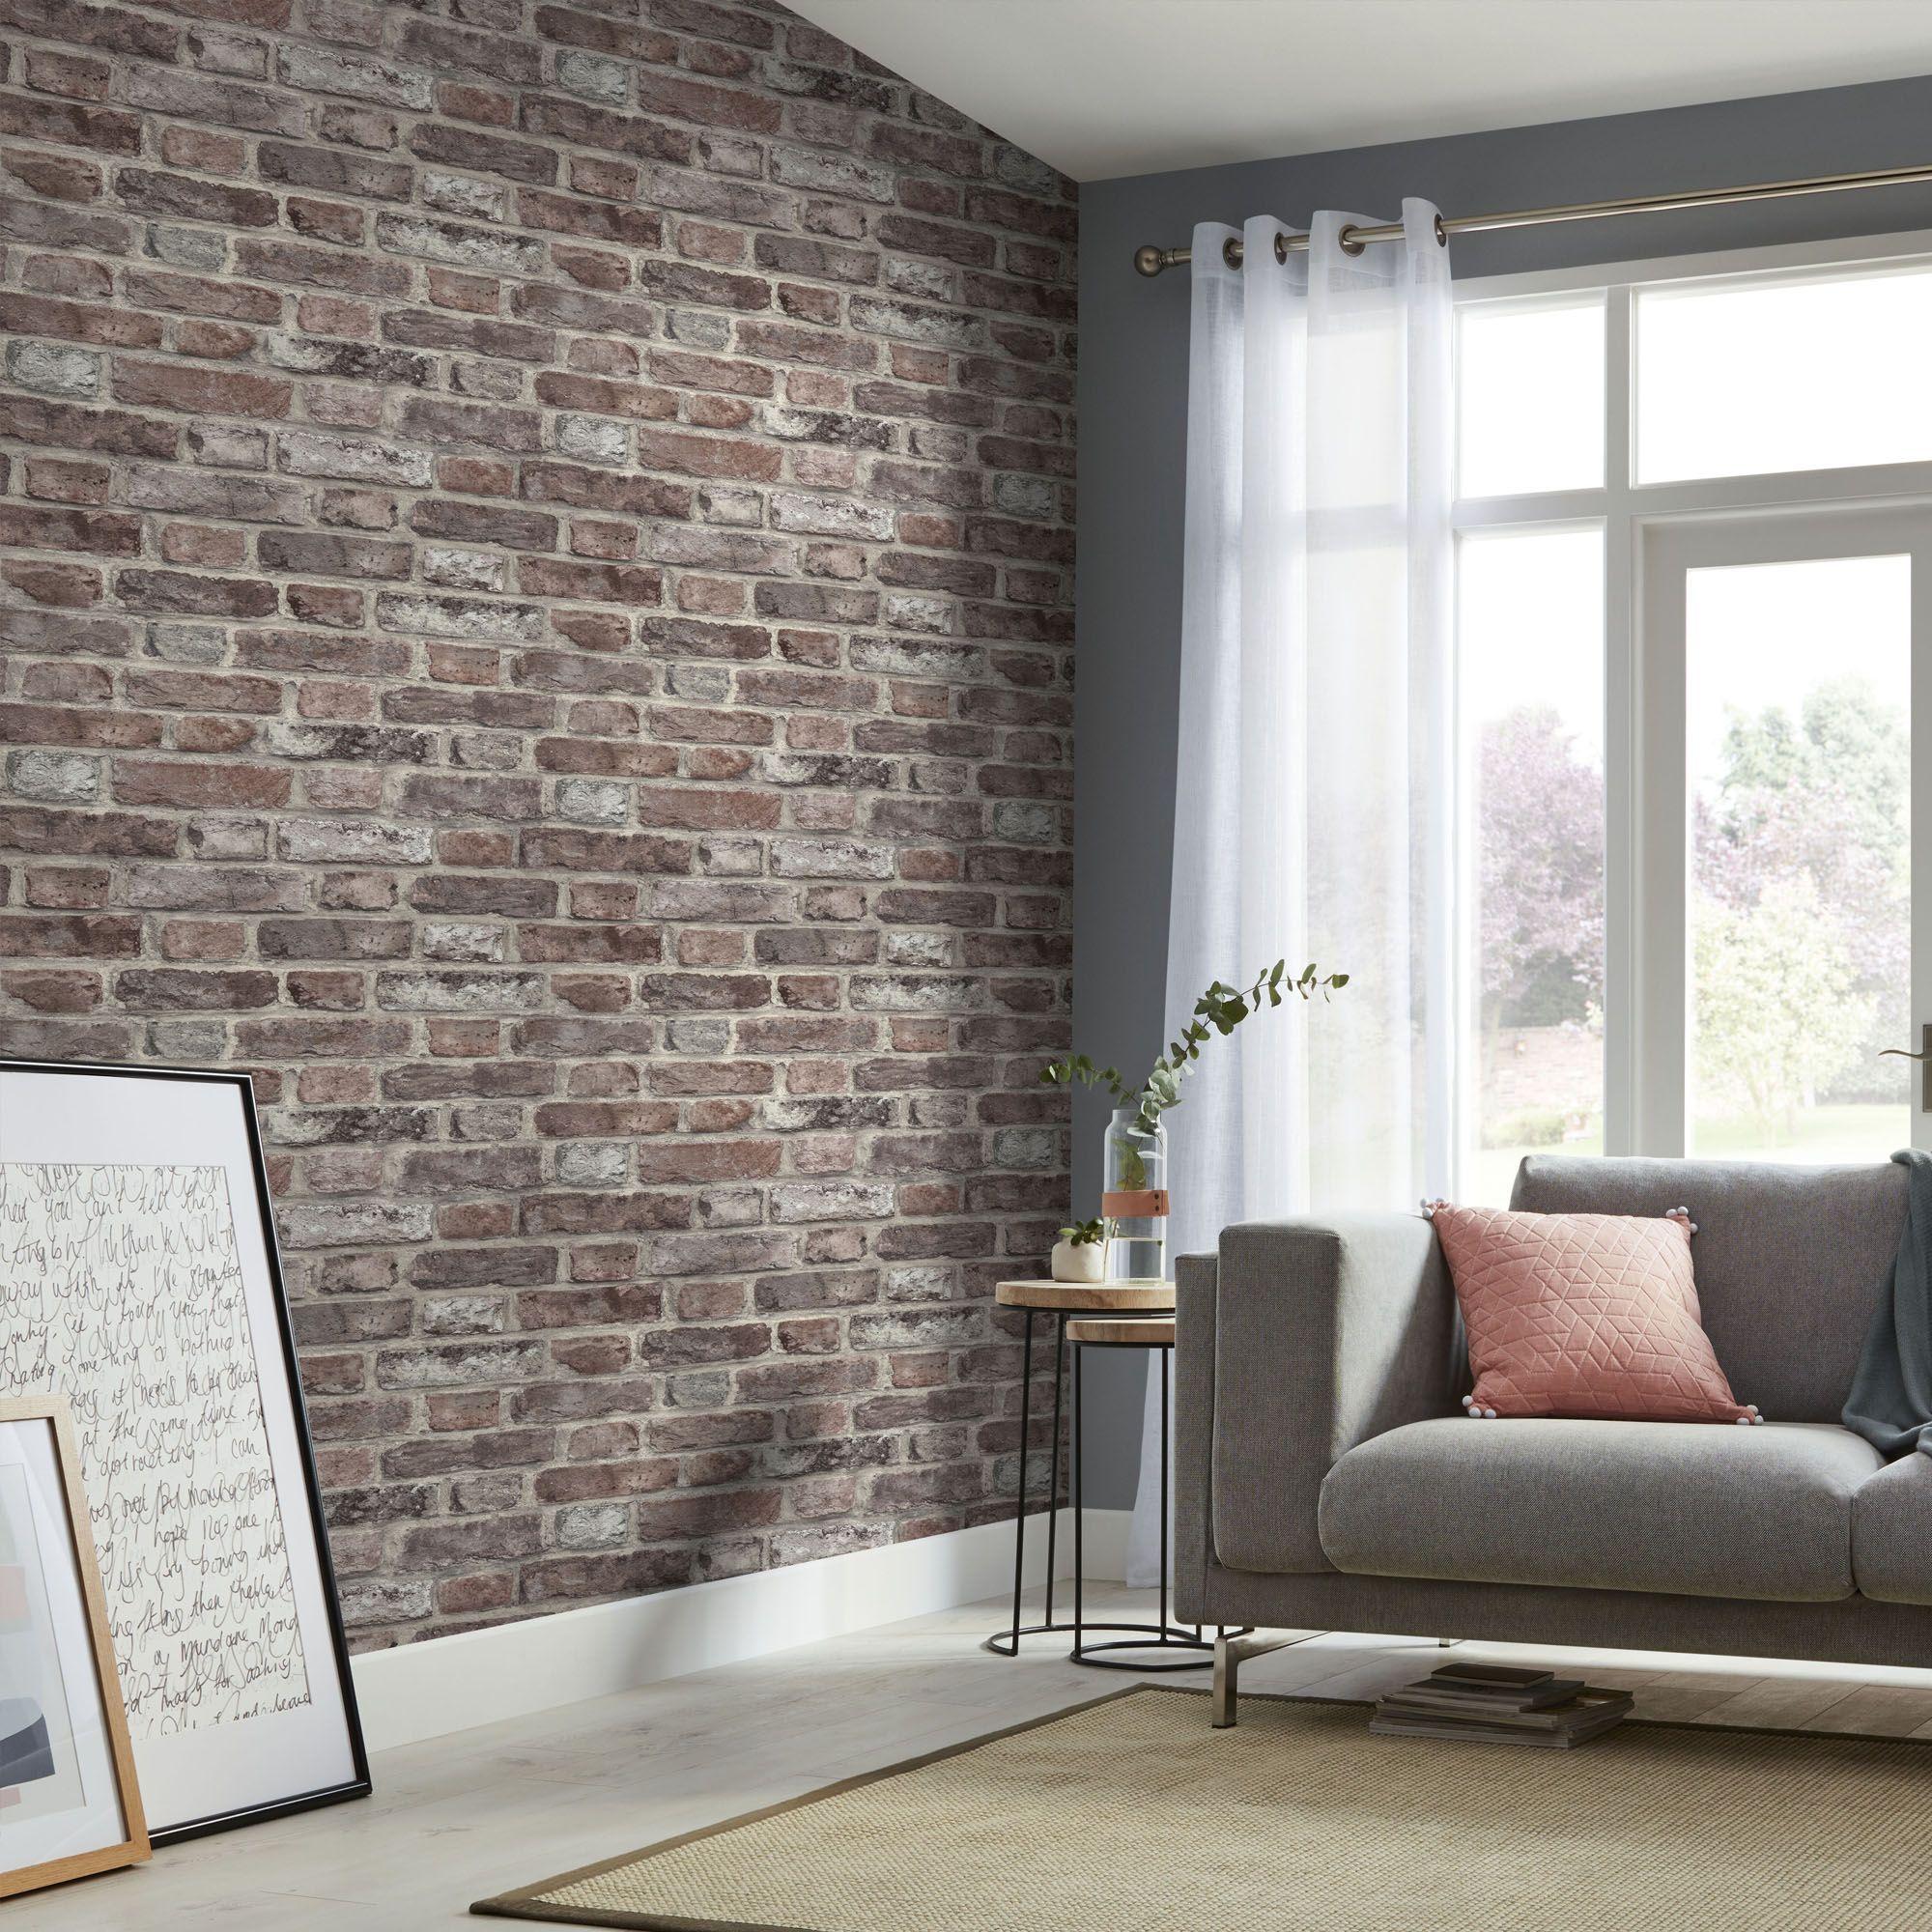 Tanlay Red Brick Smooth Wallpaper Red Brick Wallpaper Living Room Brick Wallpaper Living Room Red Brick Wallpaper